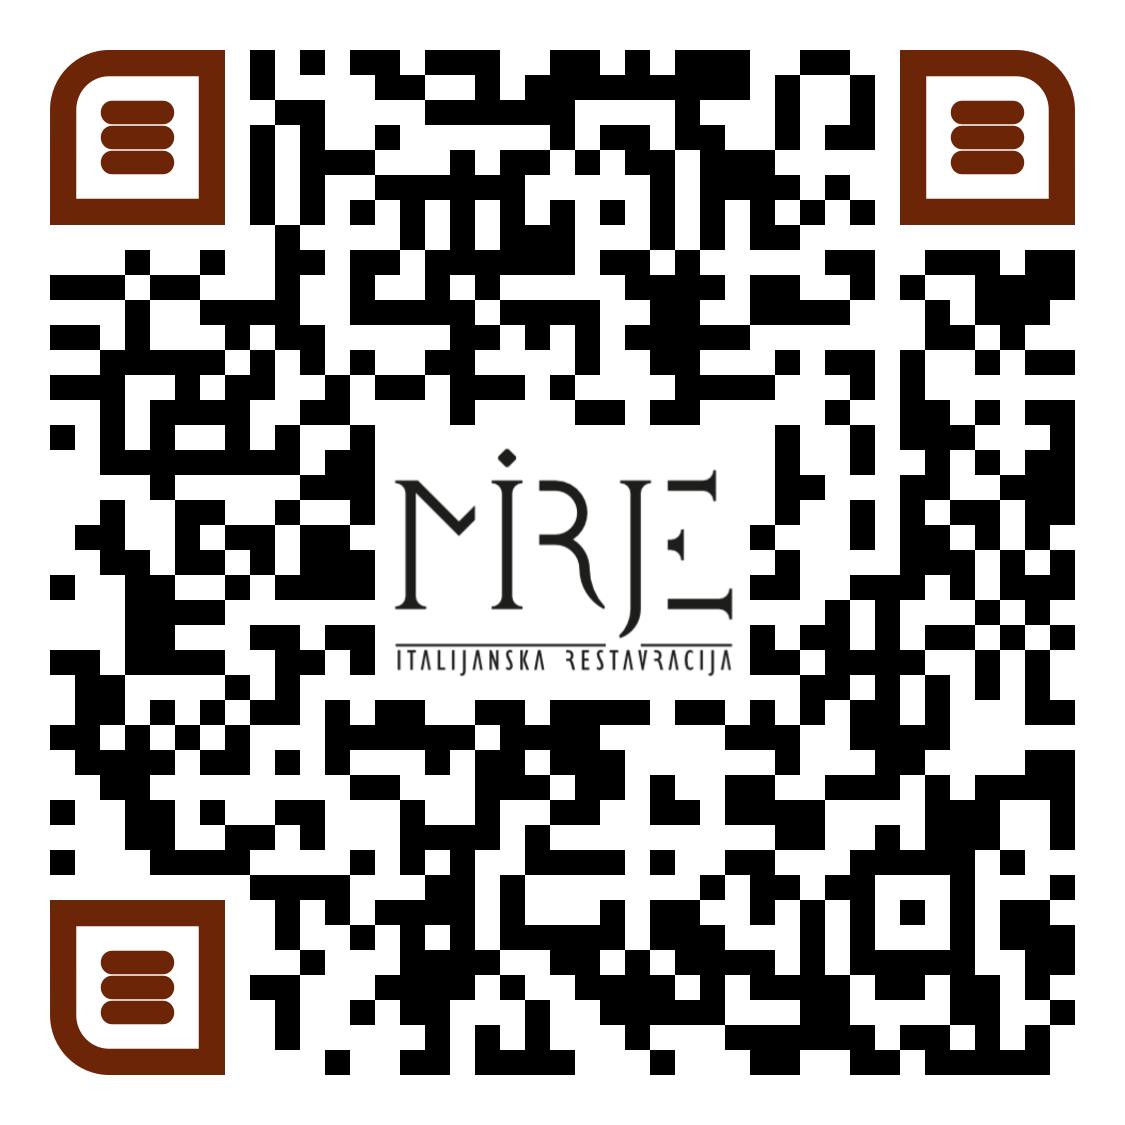 QR koda za jedilni list restavracije